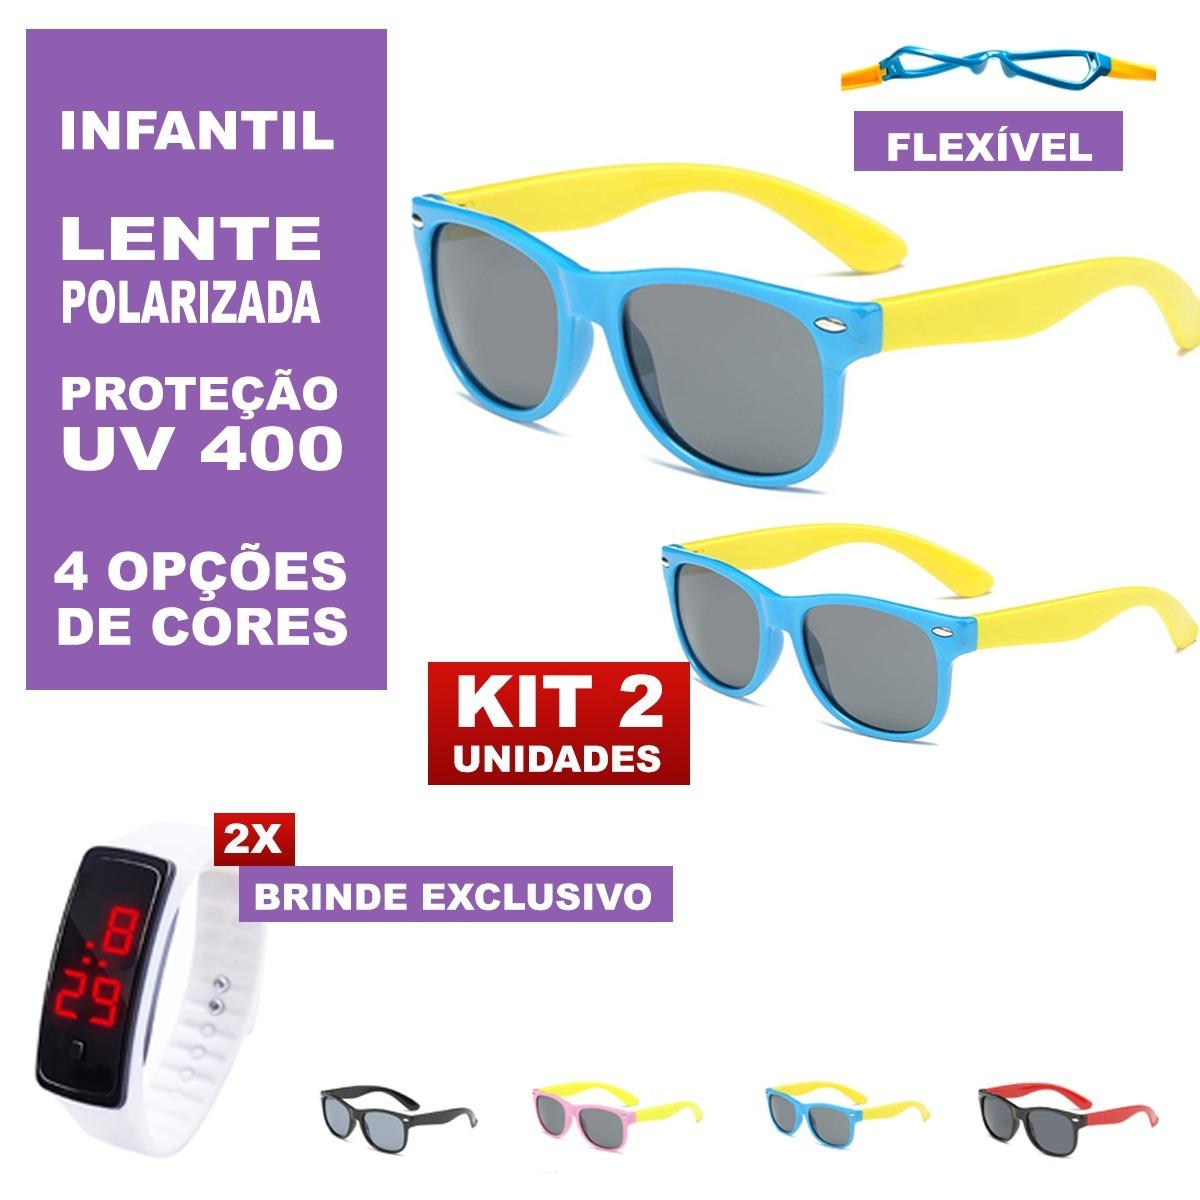 Kit 2 Óculos Infantis Flexíveis Uv400 + 2 Brindes - R  110,00 em ... 472f99c942